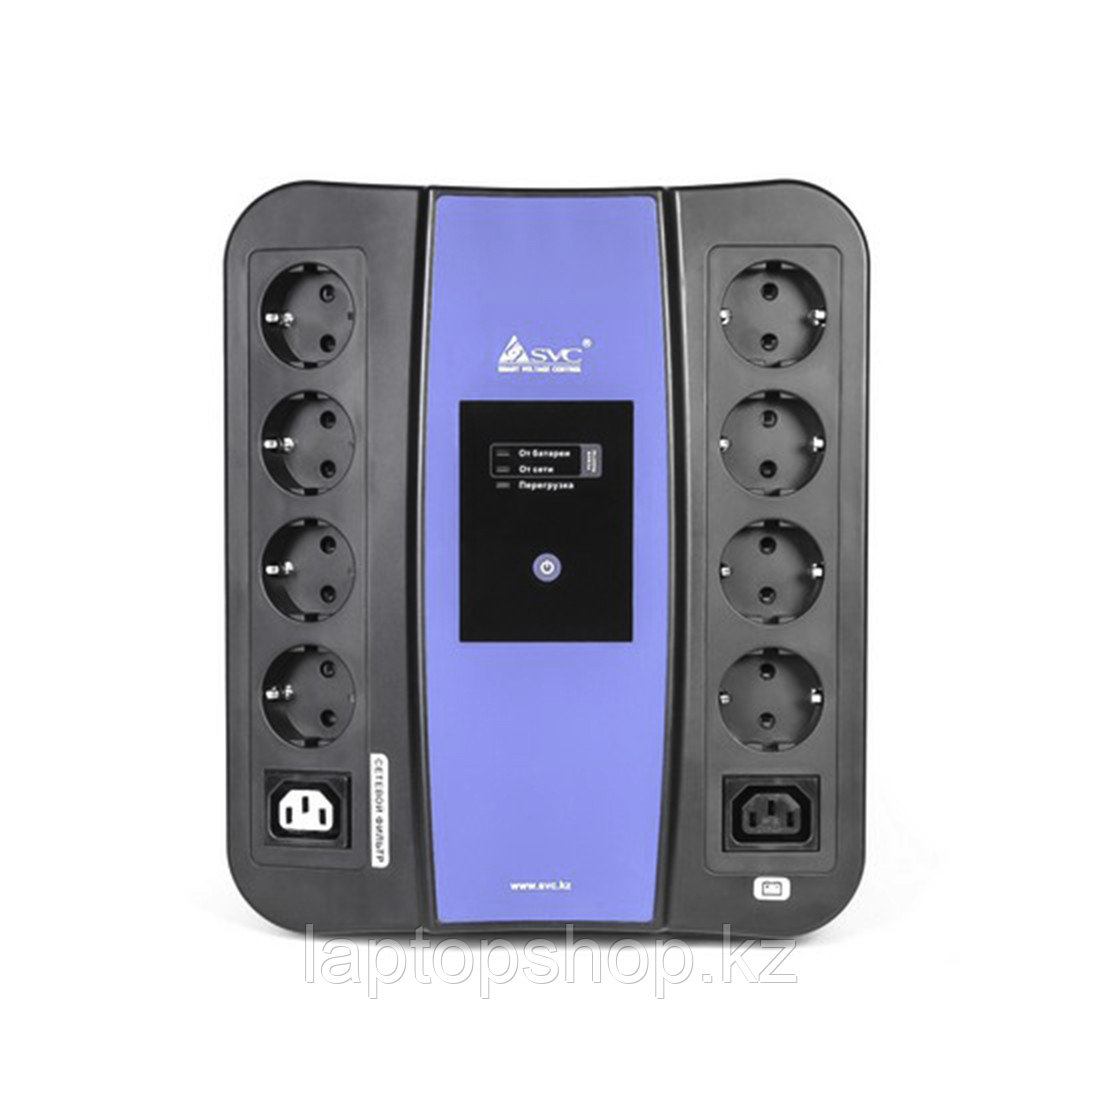 Источник бесперебойного питания SVC U-600, Smart, USB, Мощность 600ВА/360Вт